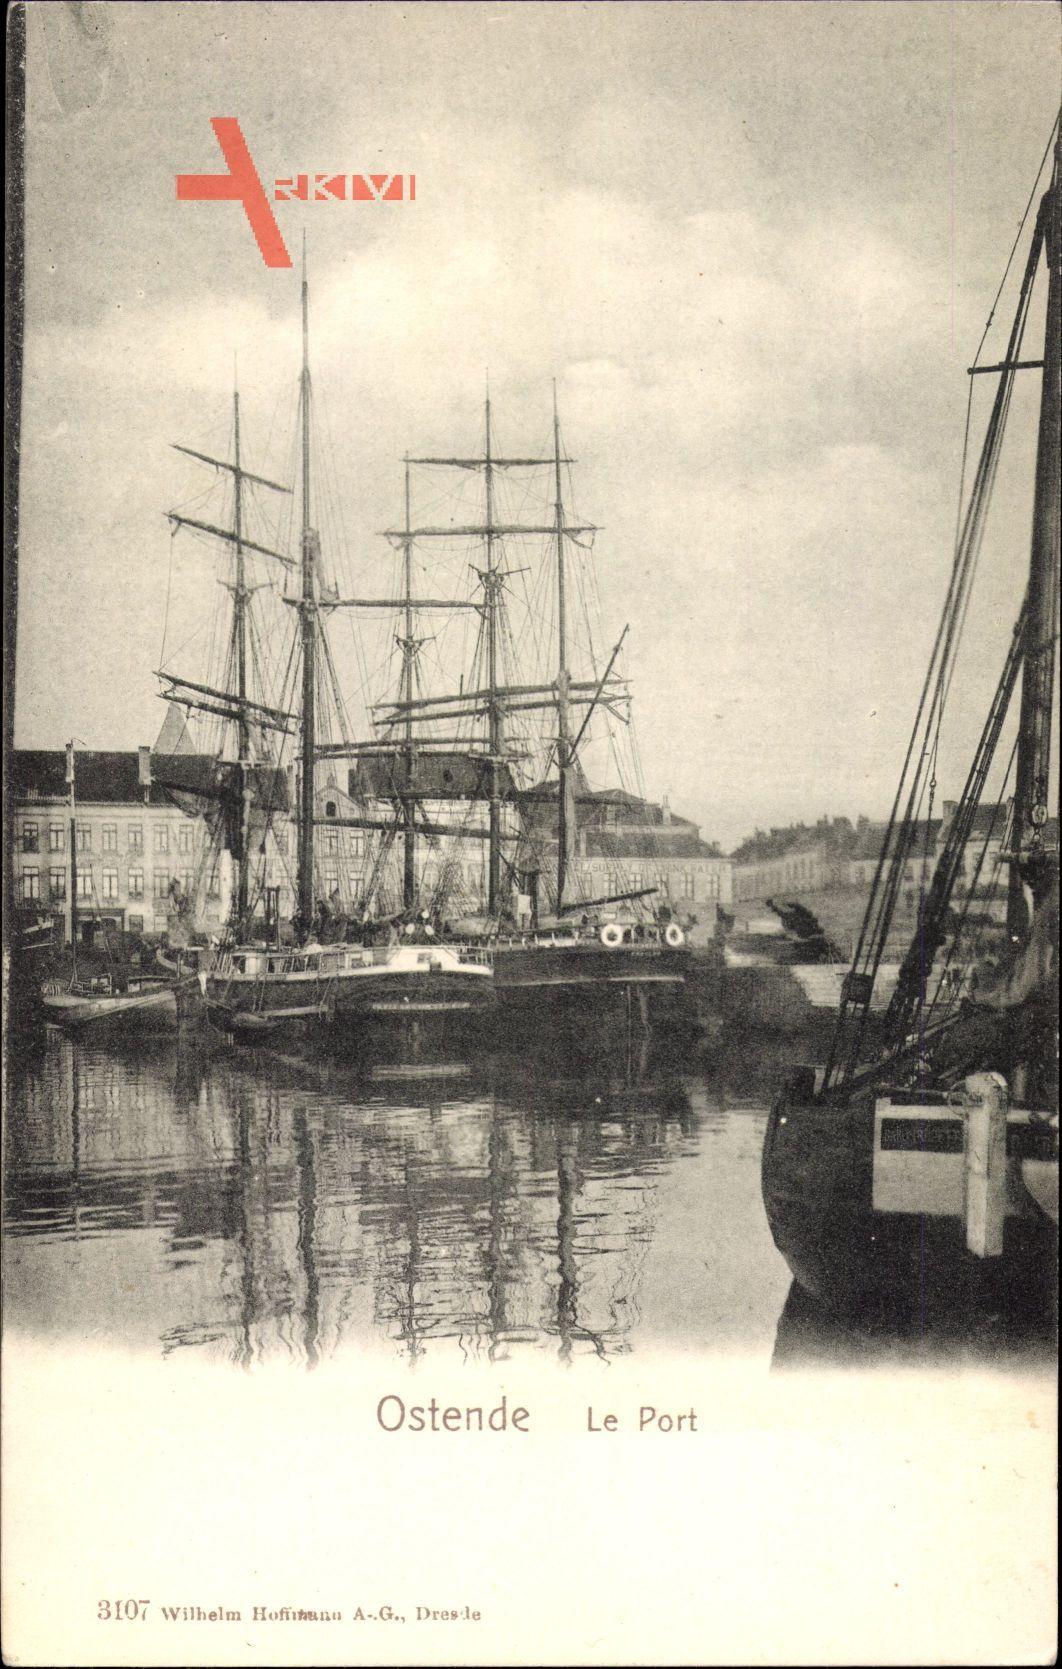 Ostende Westflandern, Le Port, Segelschiffe im Hafen